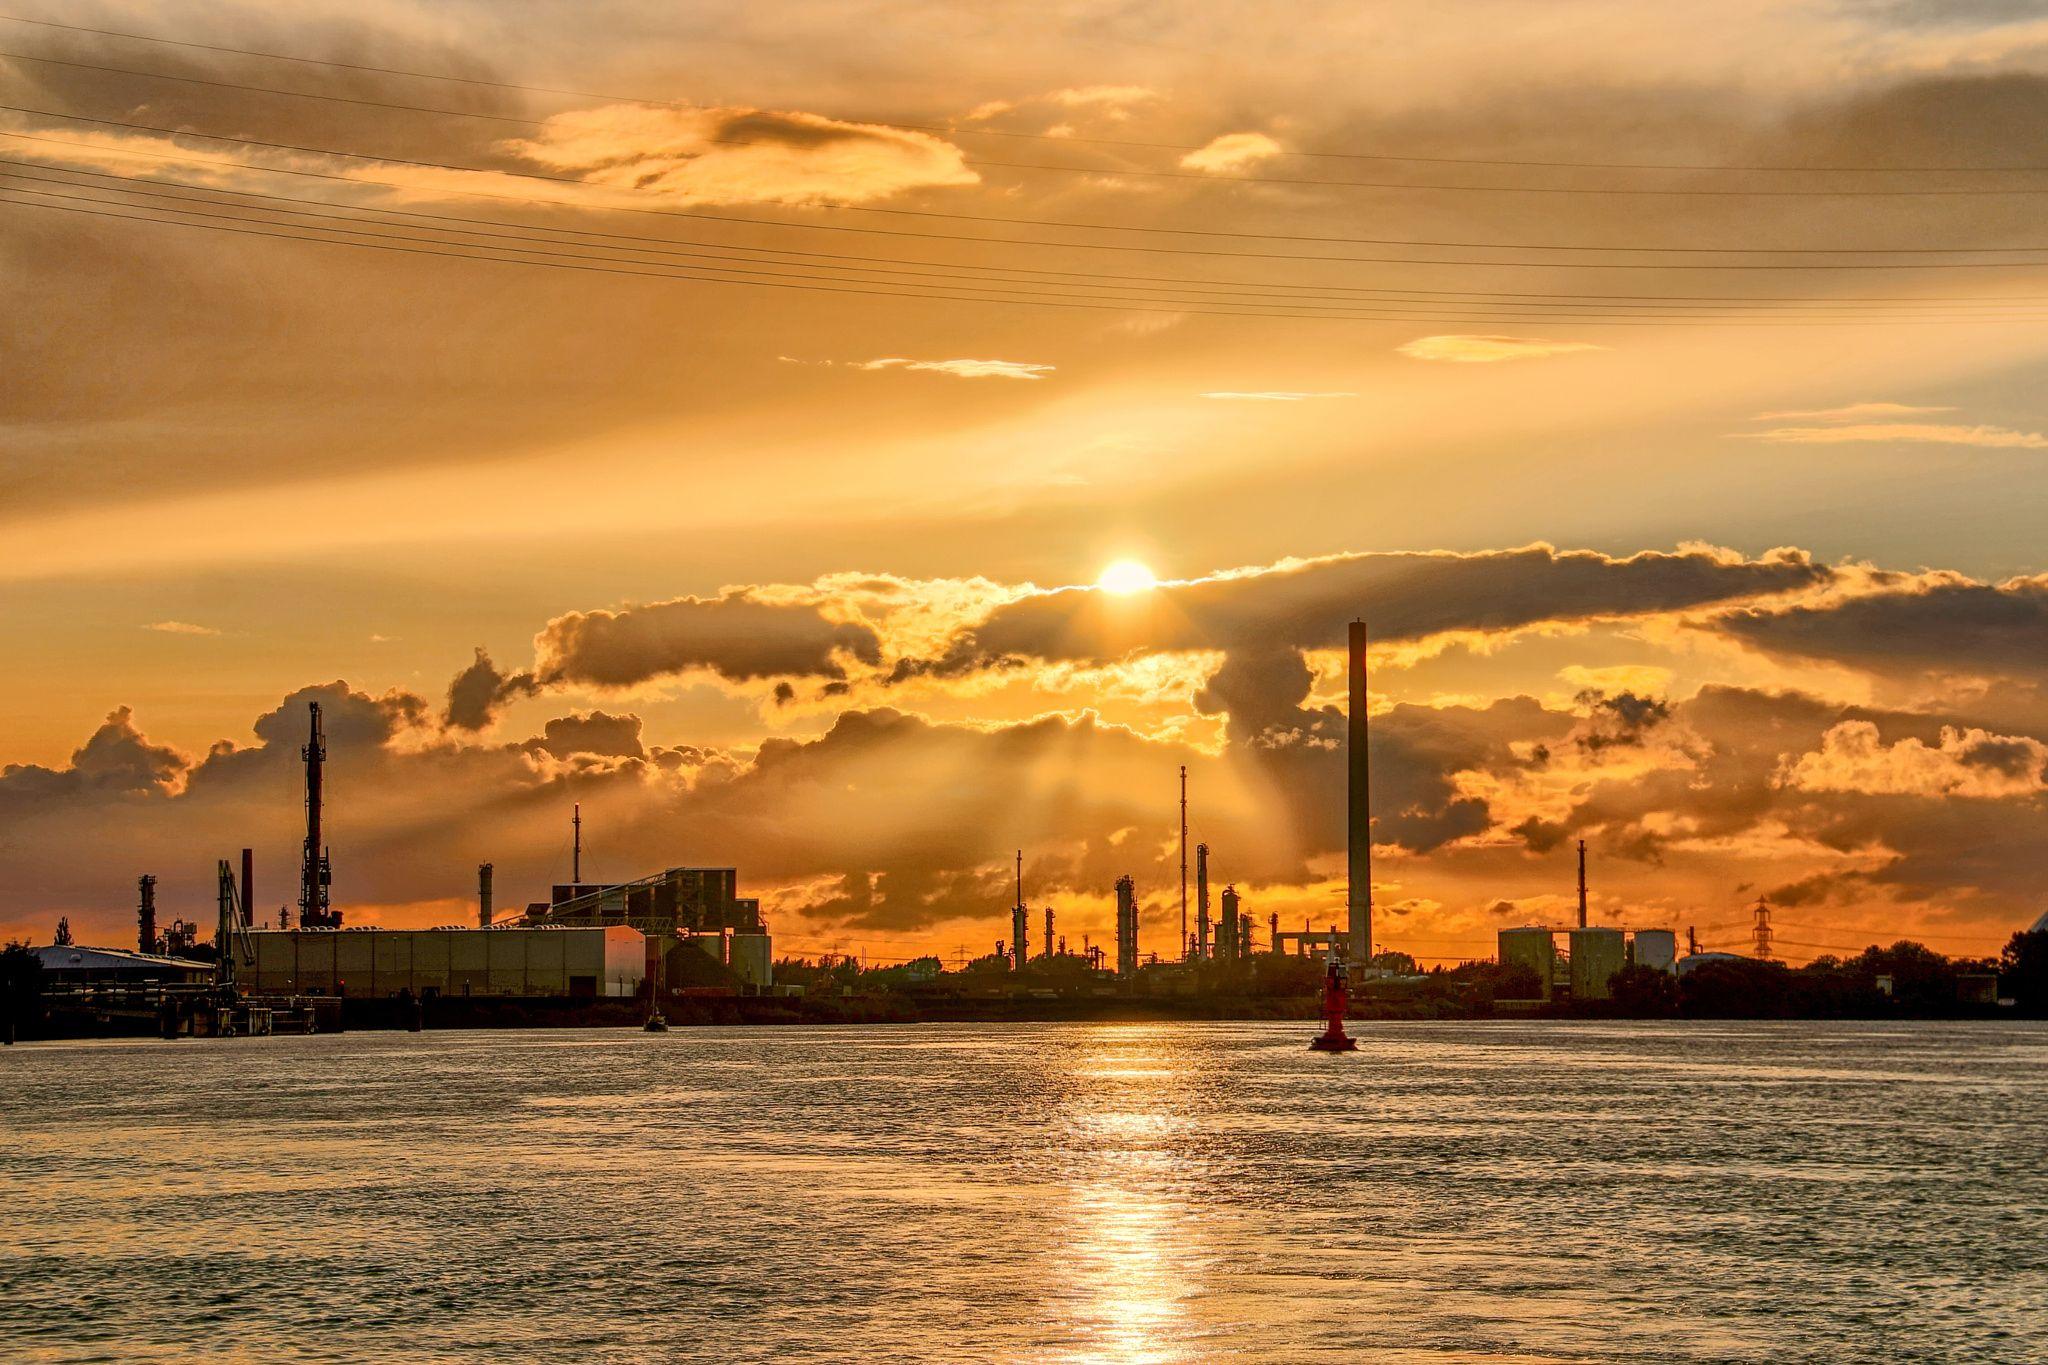 Industrial Skyline By Sabine Wagner On 500px Schonste Stadt Der Welt Welt Und Fotos